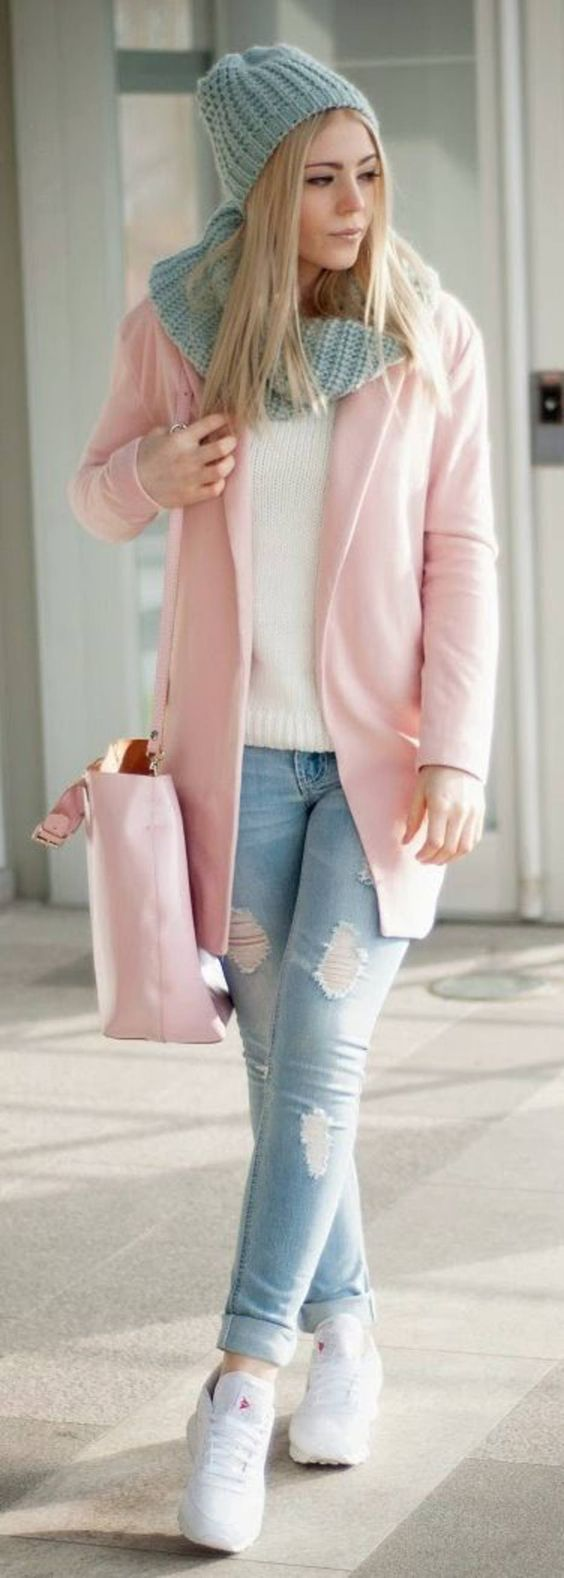 Rose quartz: tom suave de rosa é aposta de cor para o verão 2016 - Vida & Estilo - Estadão: